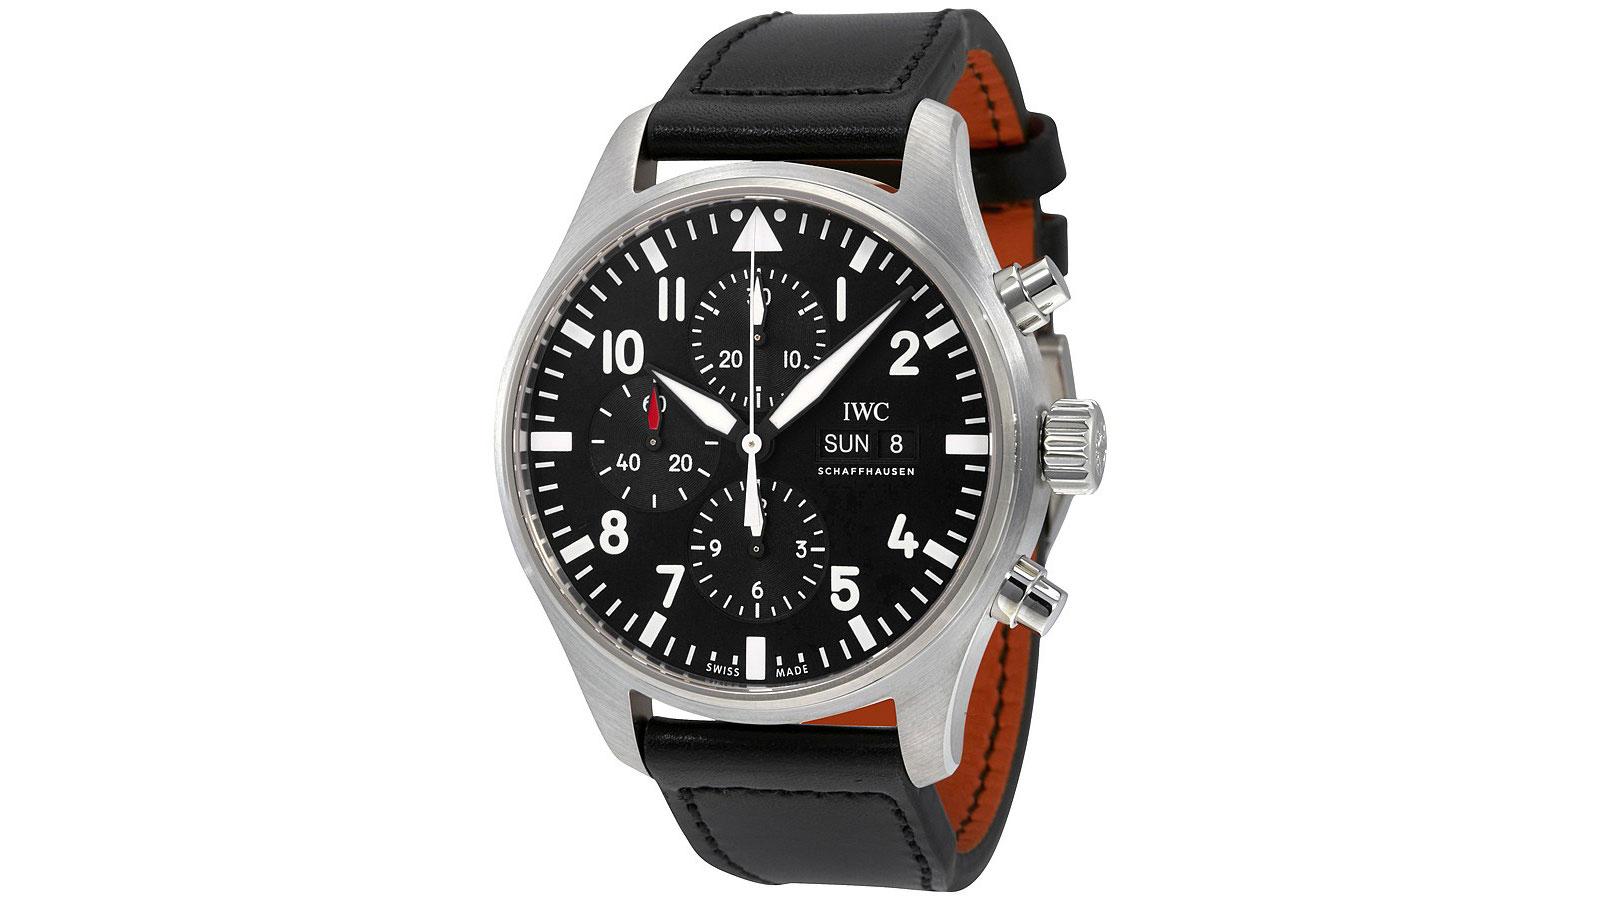 IWC Pilot Black Automatic Chronograph Men's Watch   the best pilot watches for men